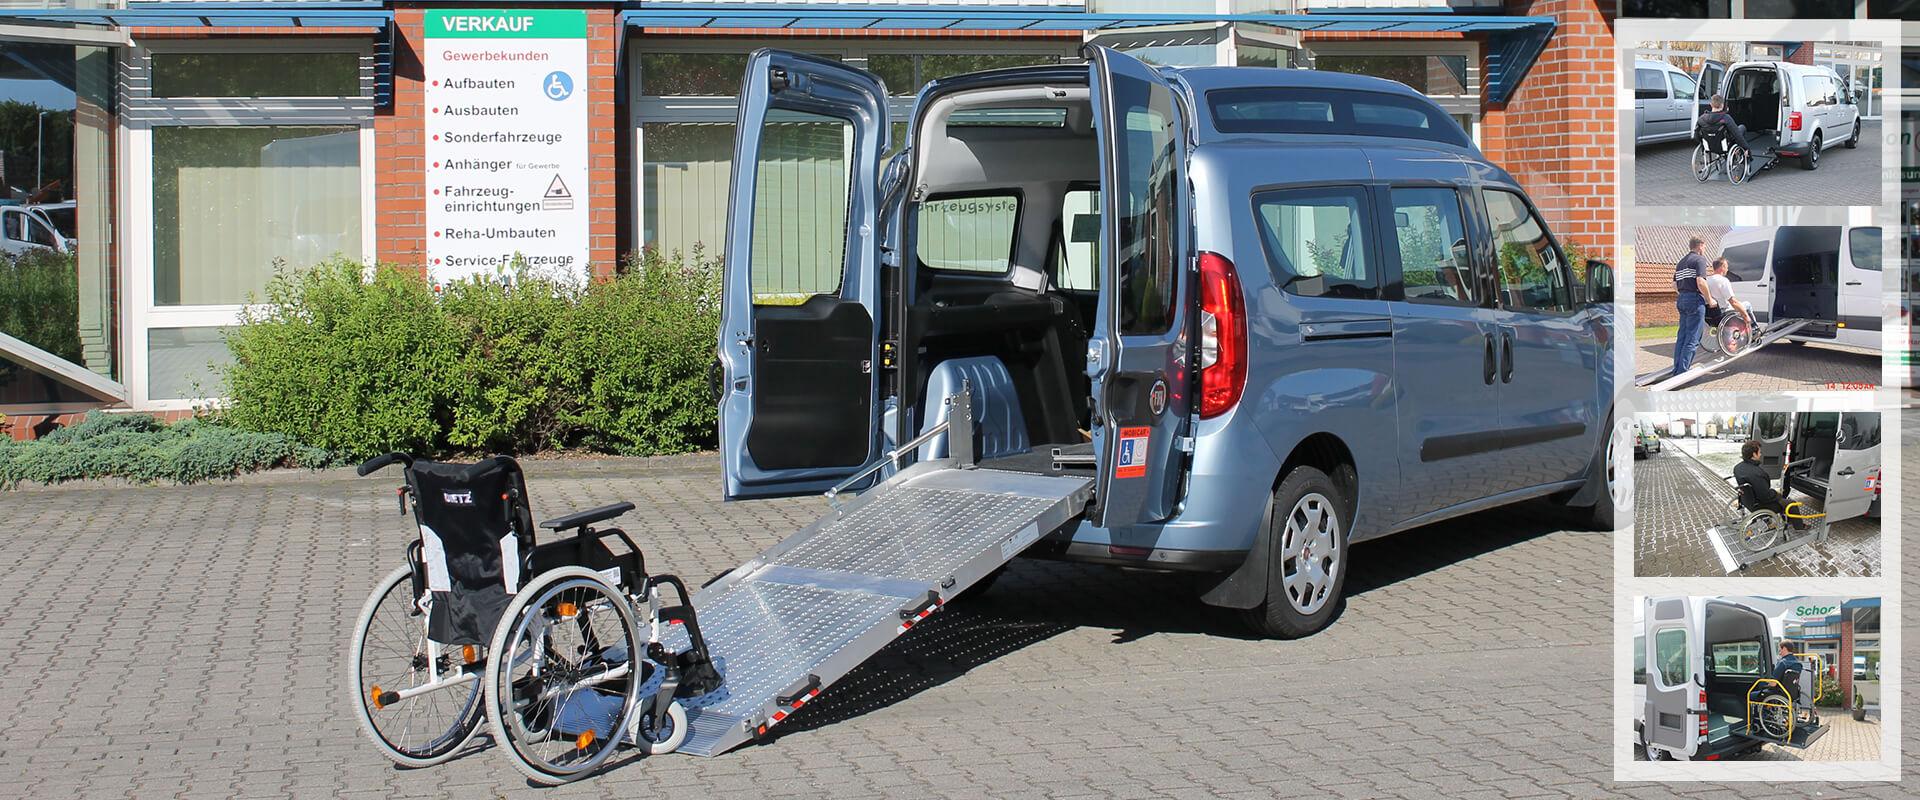 Schoon Fahrzeugsysteme Slider 2